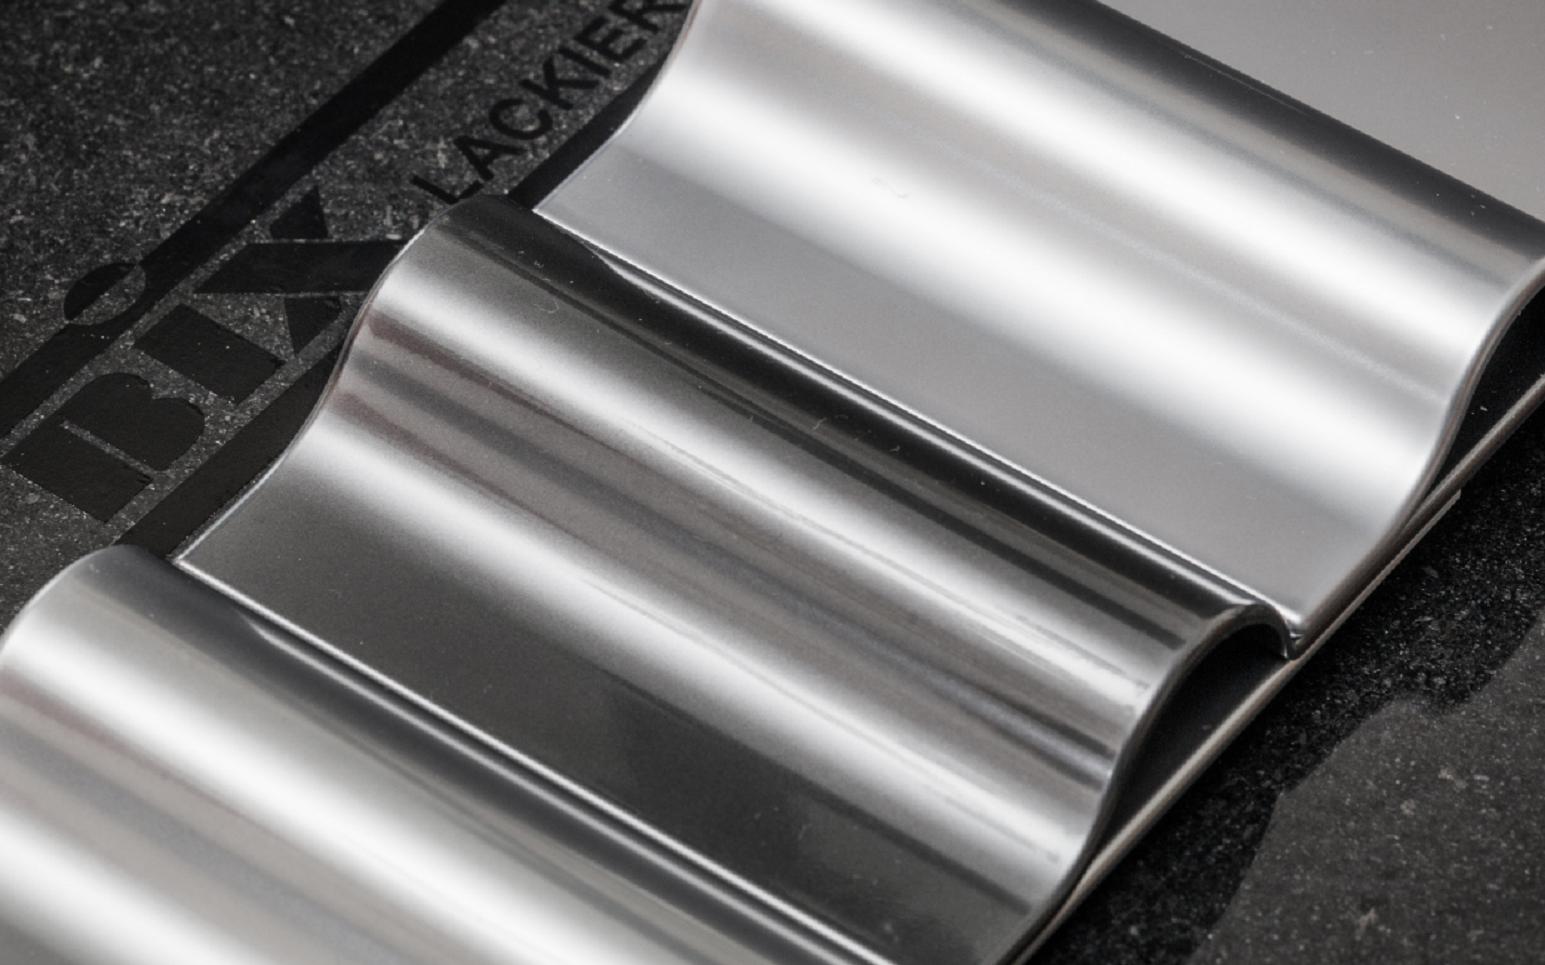 Metallteile mit Chrom-Optik